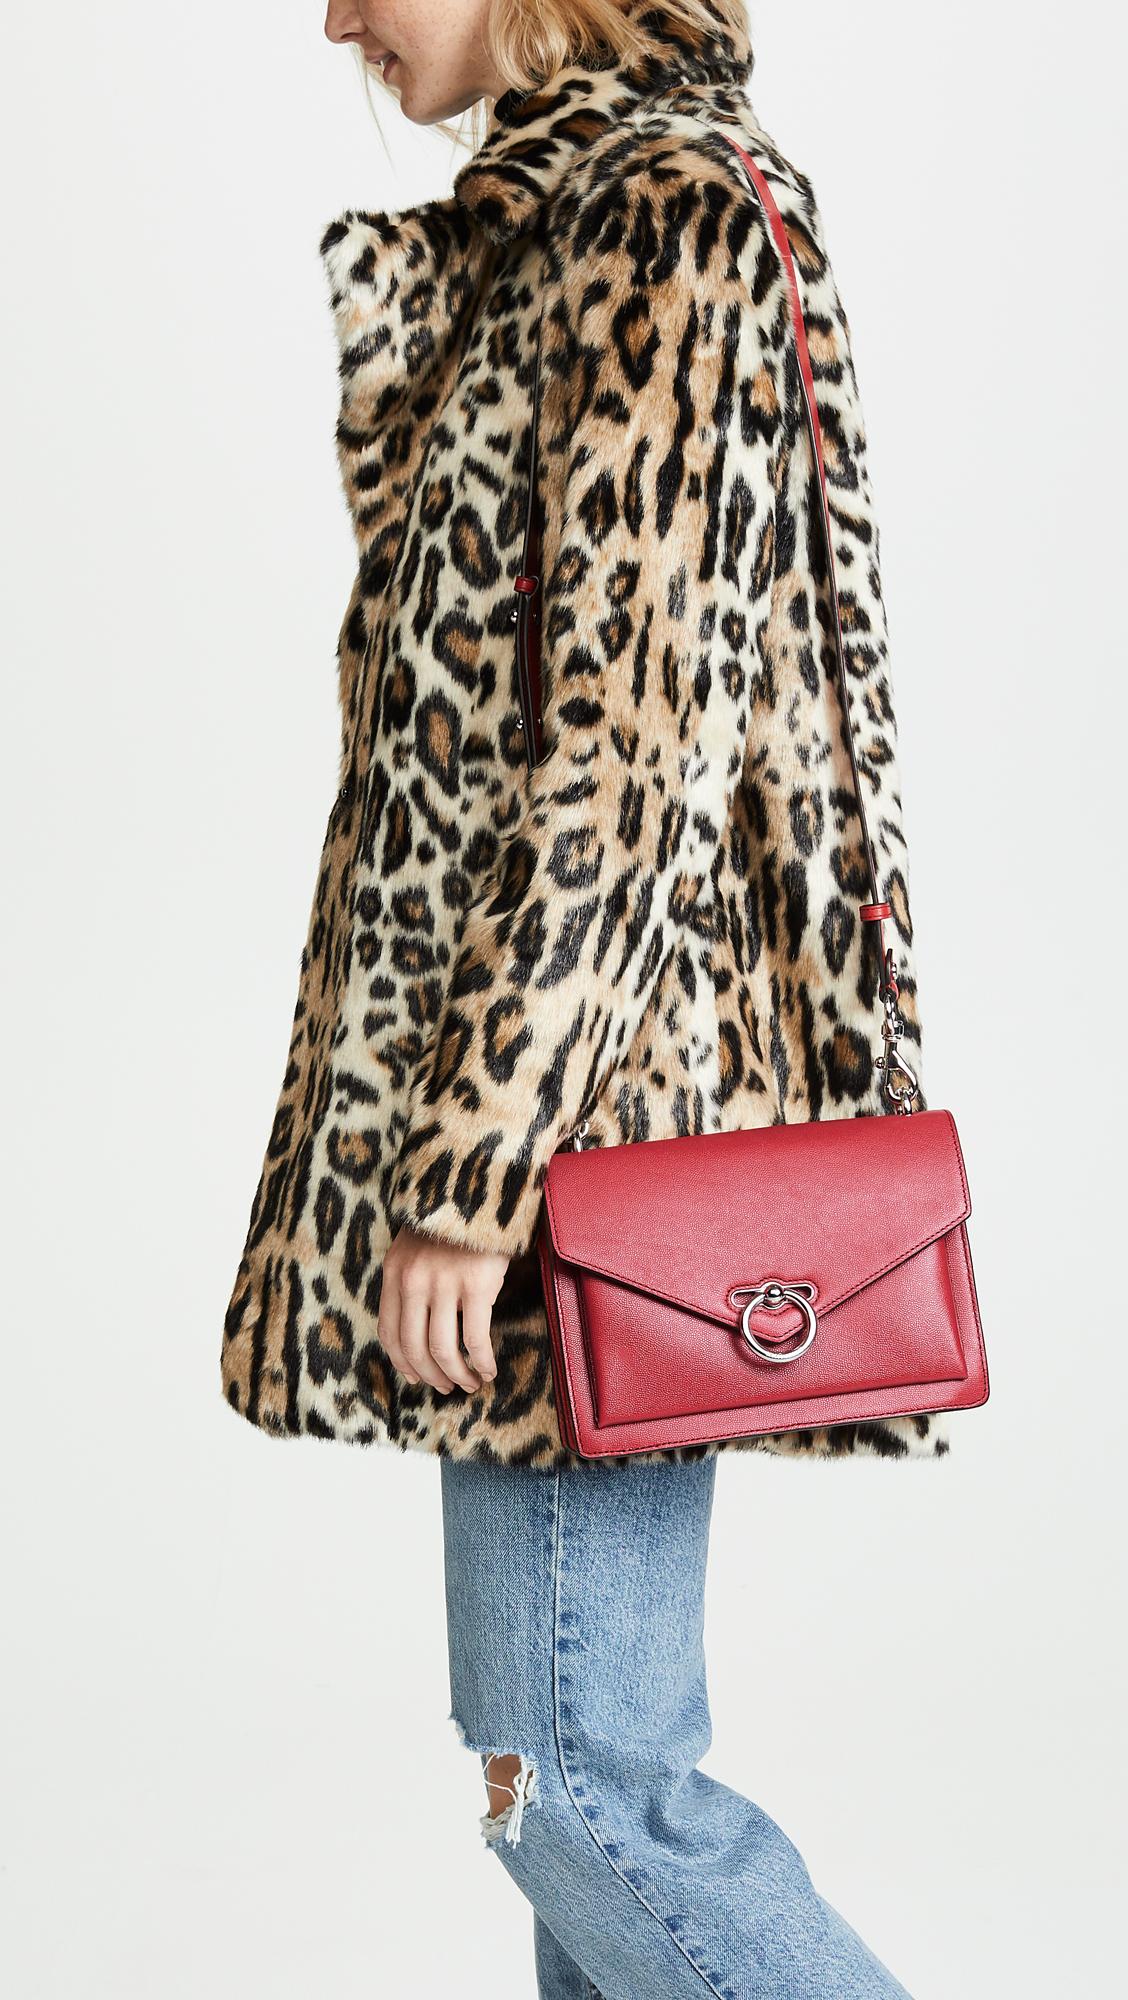 a435a0a99989 Rebecca Minkoff Jean Medium Shoulder Bag